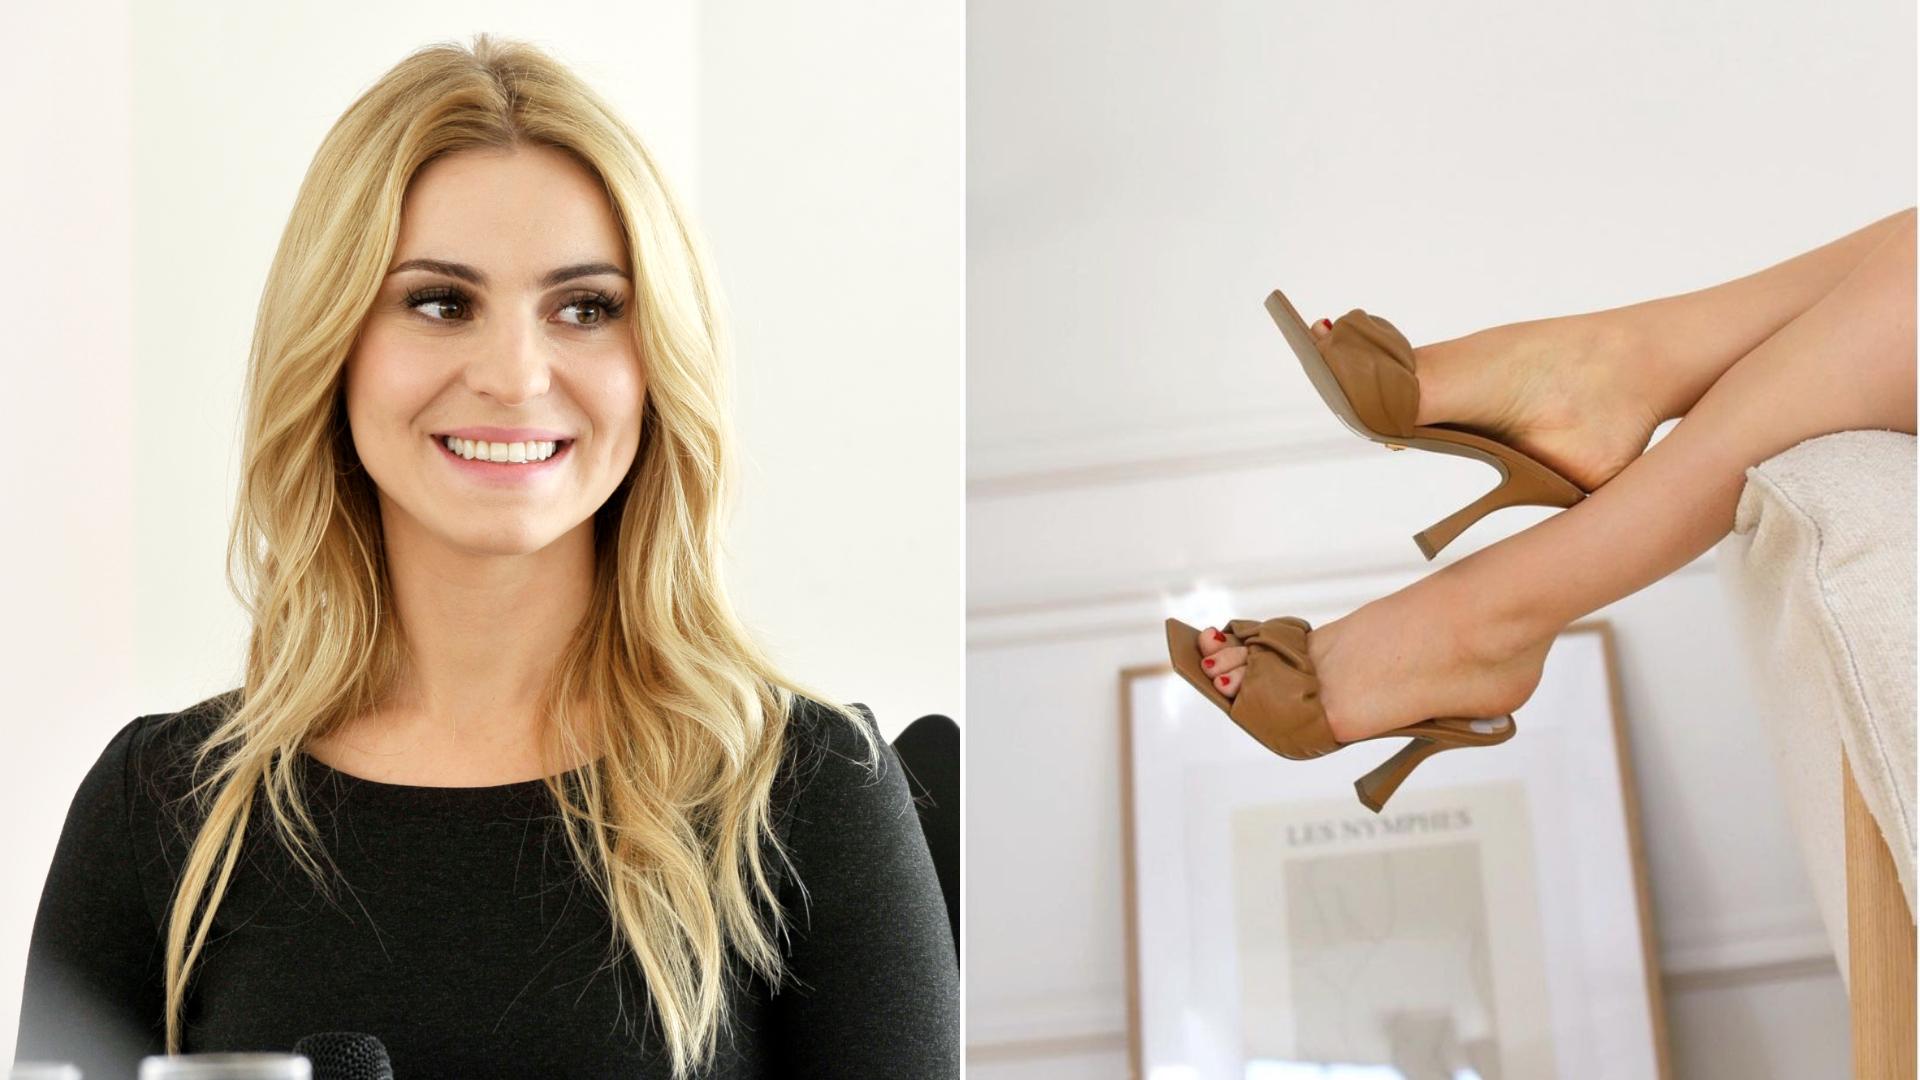 Kasia Tusk zaprezentowała ulubione buty na specjalne okazje. To słynna polska marka!